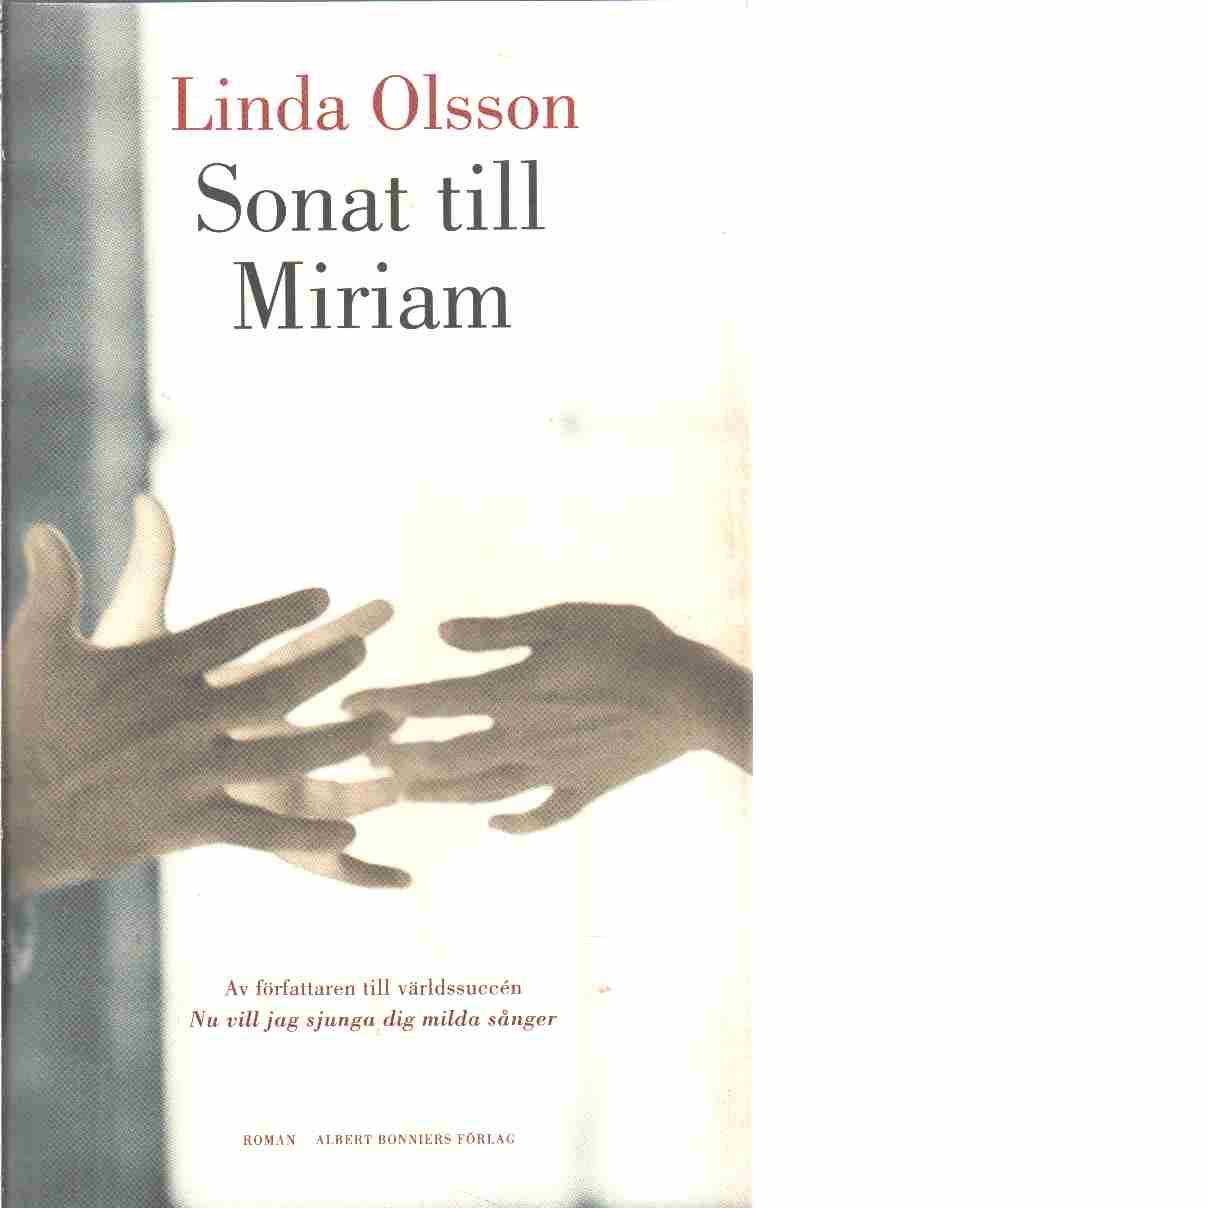 Sonat till Miriam - Olsson, Linda